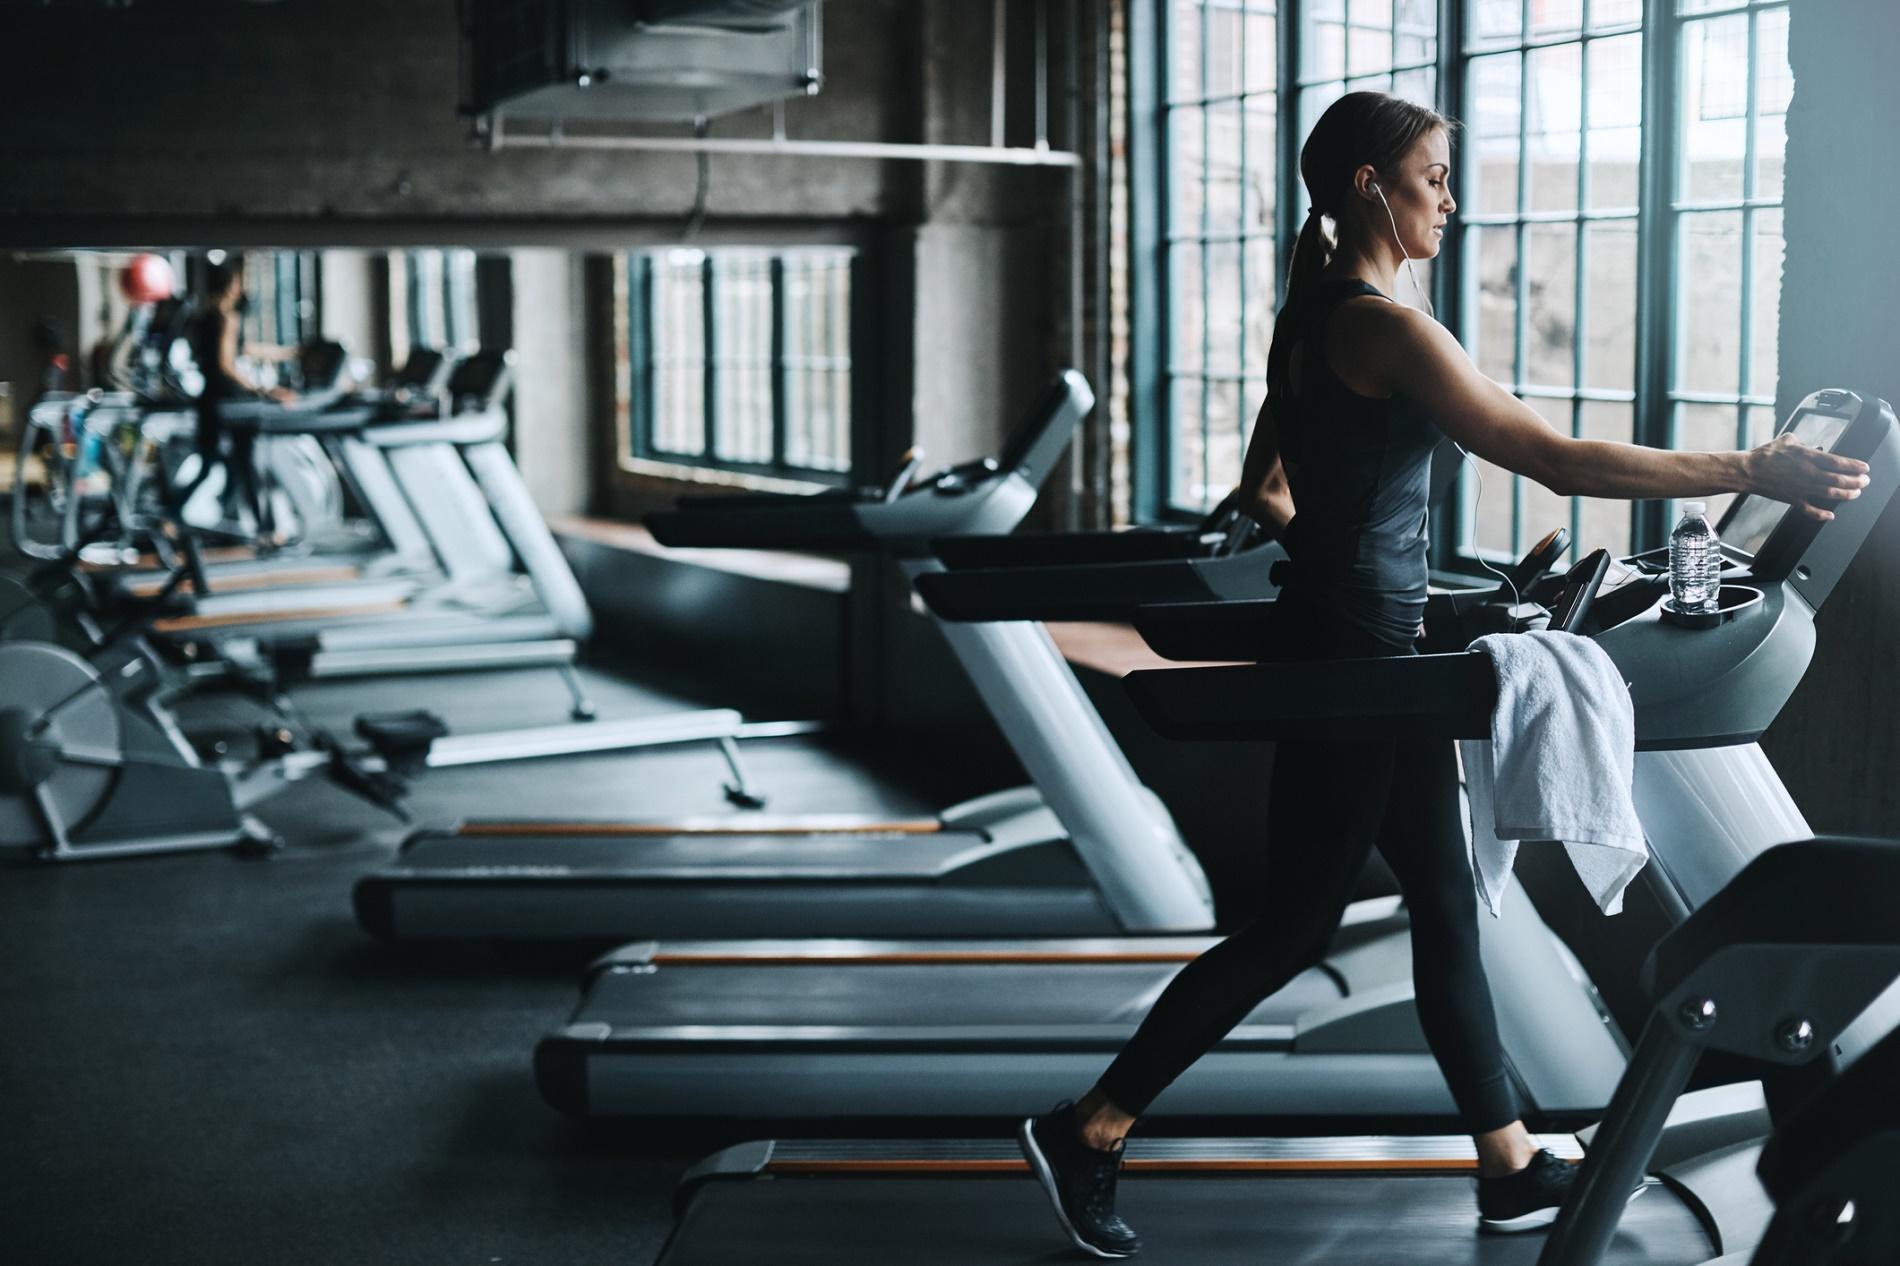 meilleur moyen de perdre du poids avec succès définition de chirurgien de perte de poids